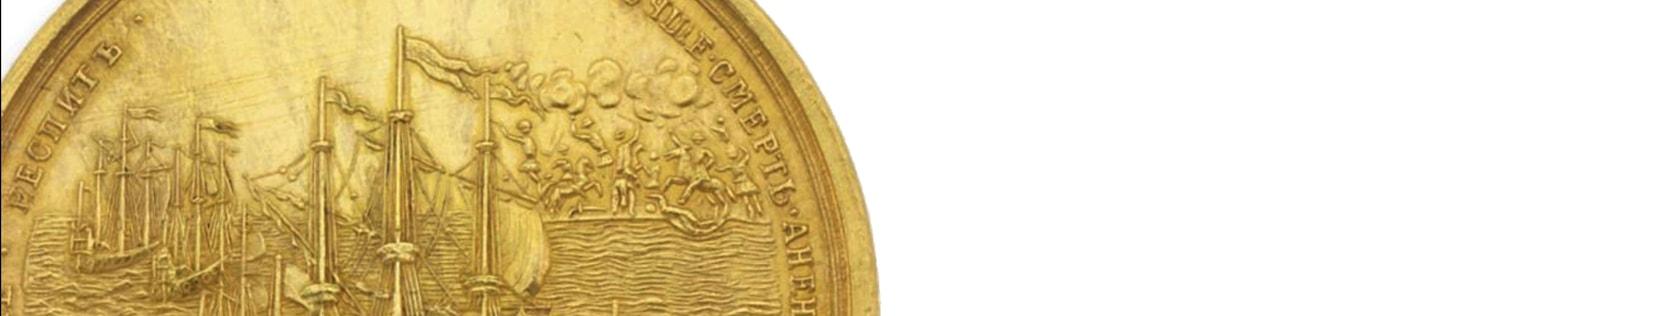 Антикварные золотые монеты